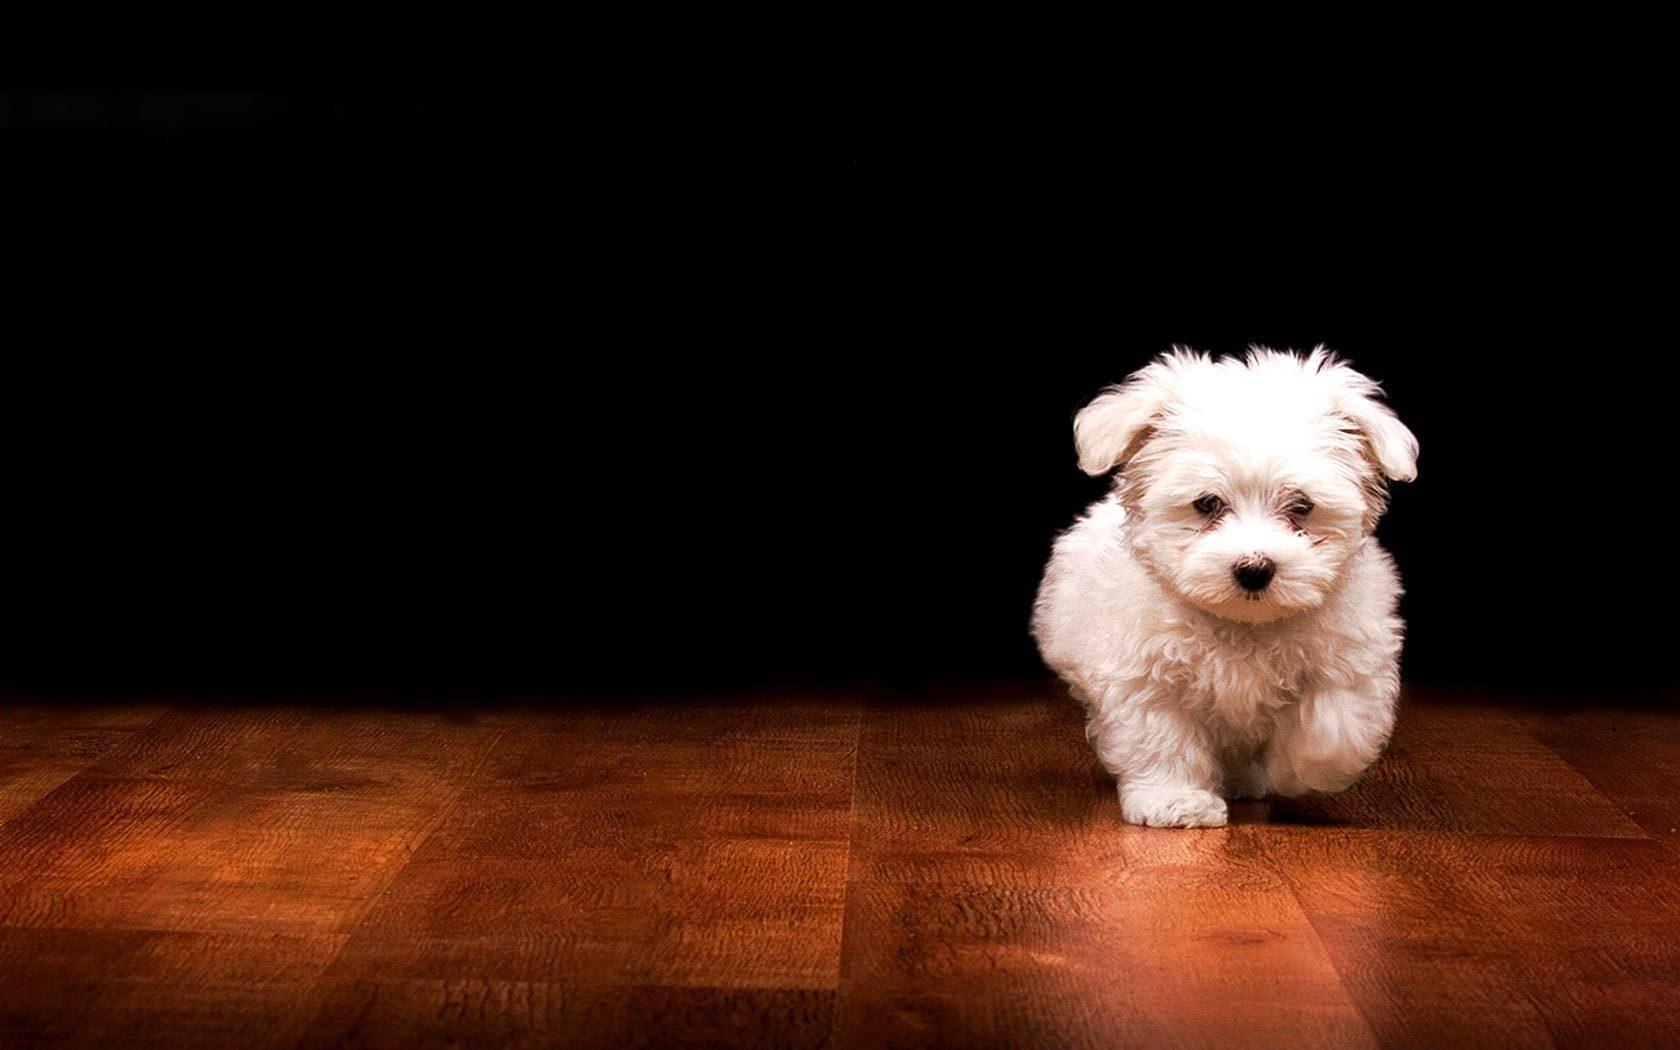 Puppy Dog Wallpaper 10600 Wallpaper Cool Walldiskpapercom 1680x1050